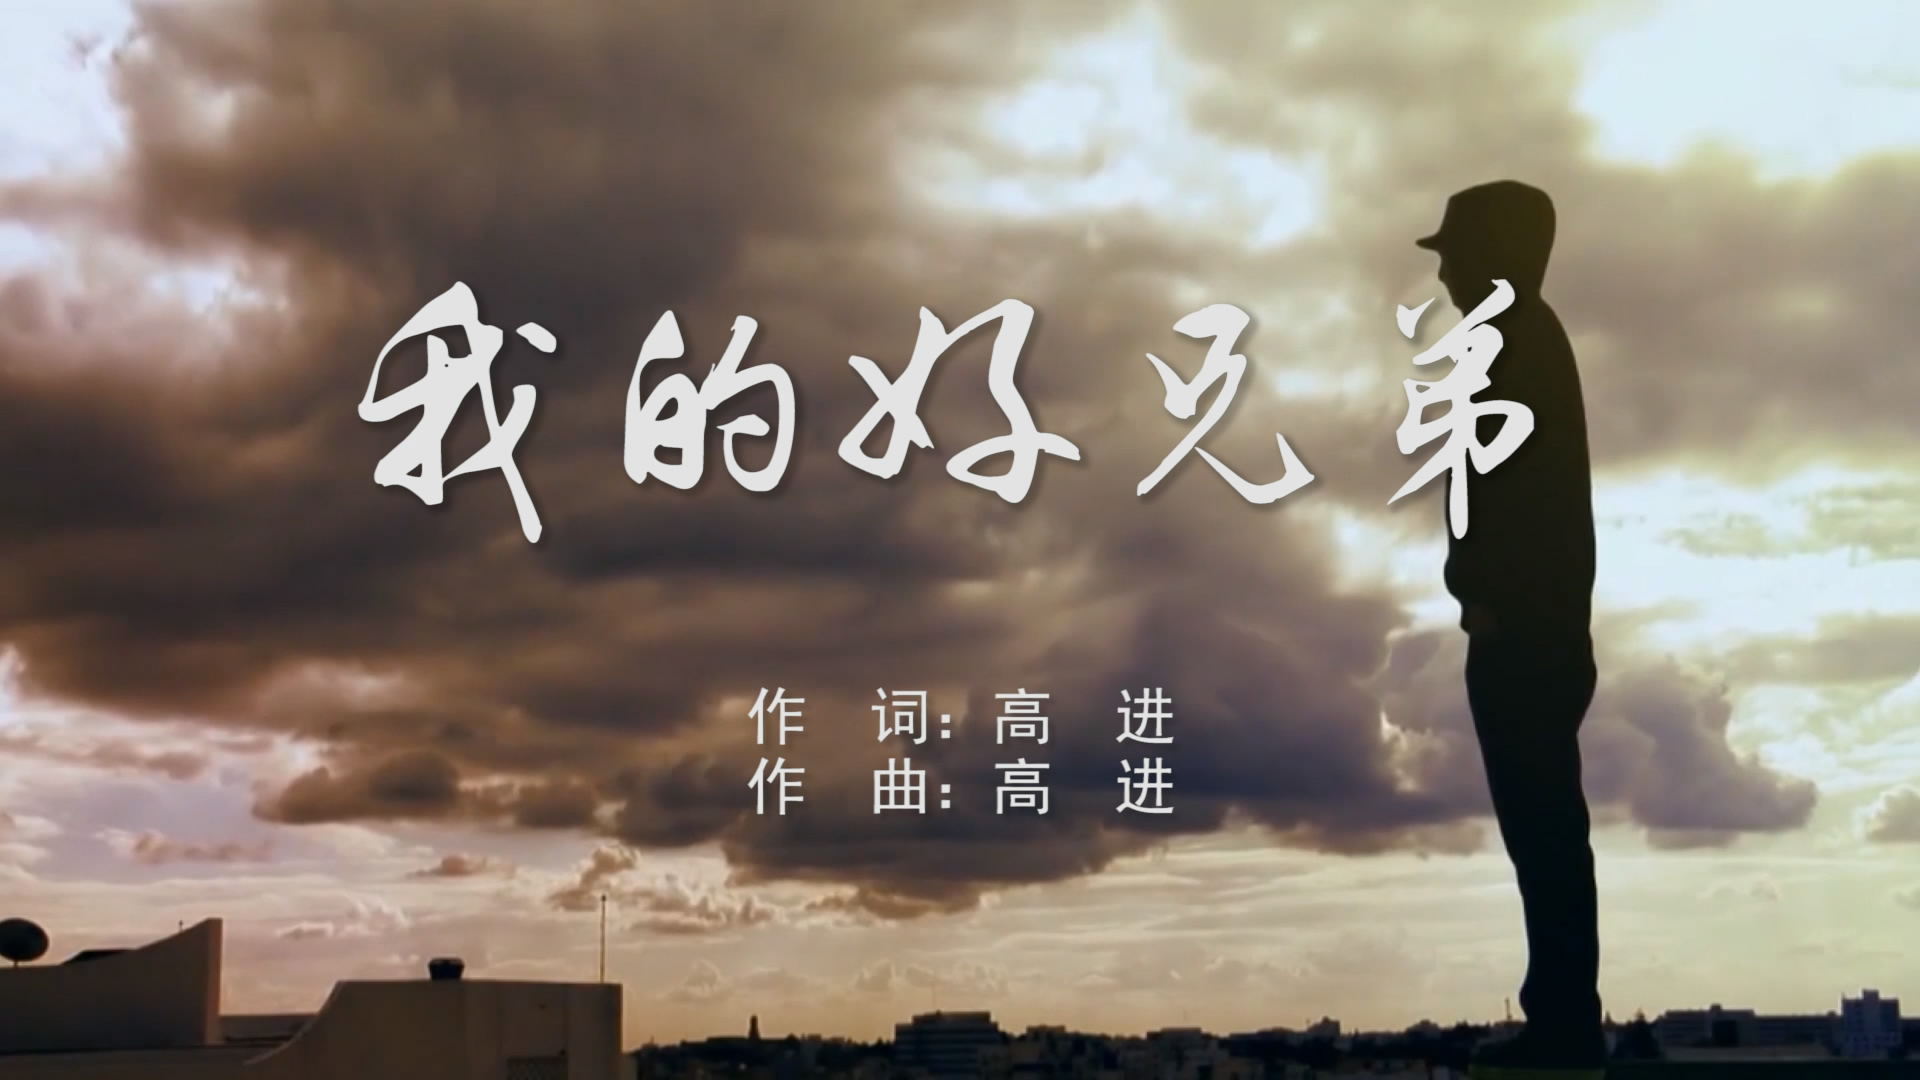 中国好声_我的好兄弟 MV字幕配乐伴奏舞台演出LED背景大屏幕视频素材TV ...